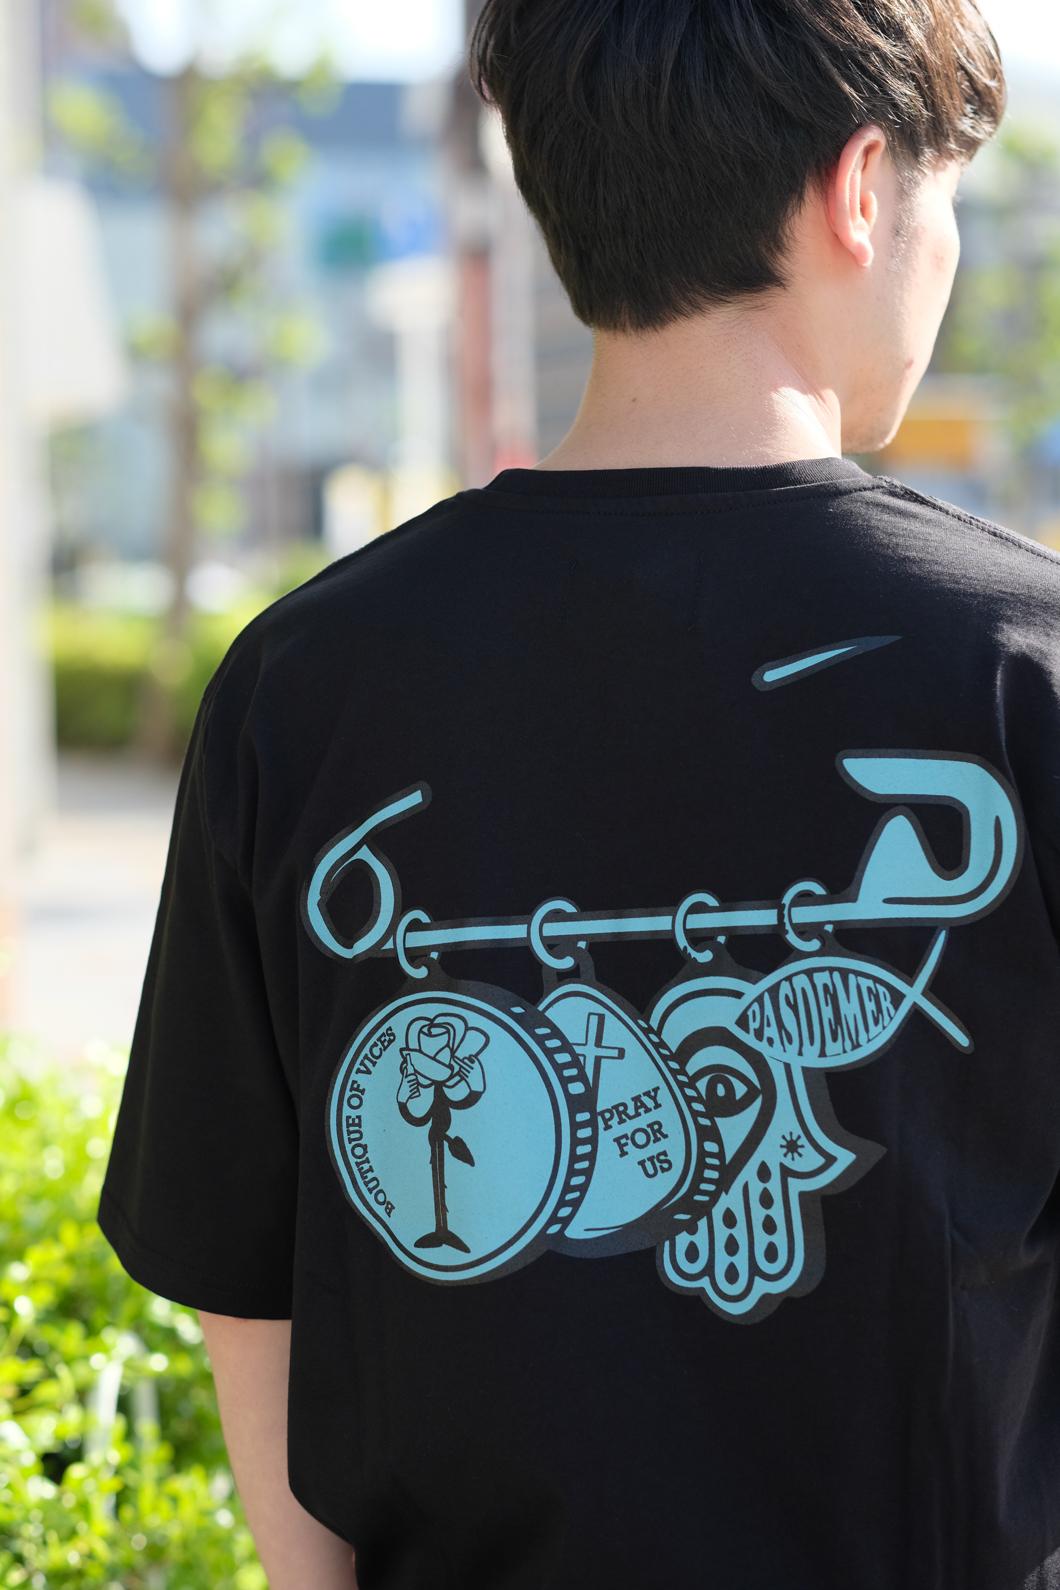 【PAS DE MER/パドゥメ】MEDALS T-SHIRT Tシャツ / BLACK